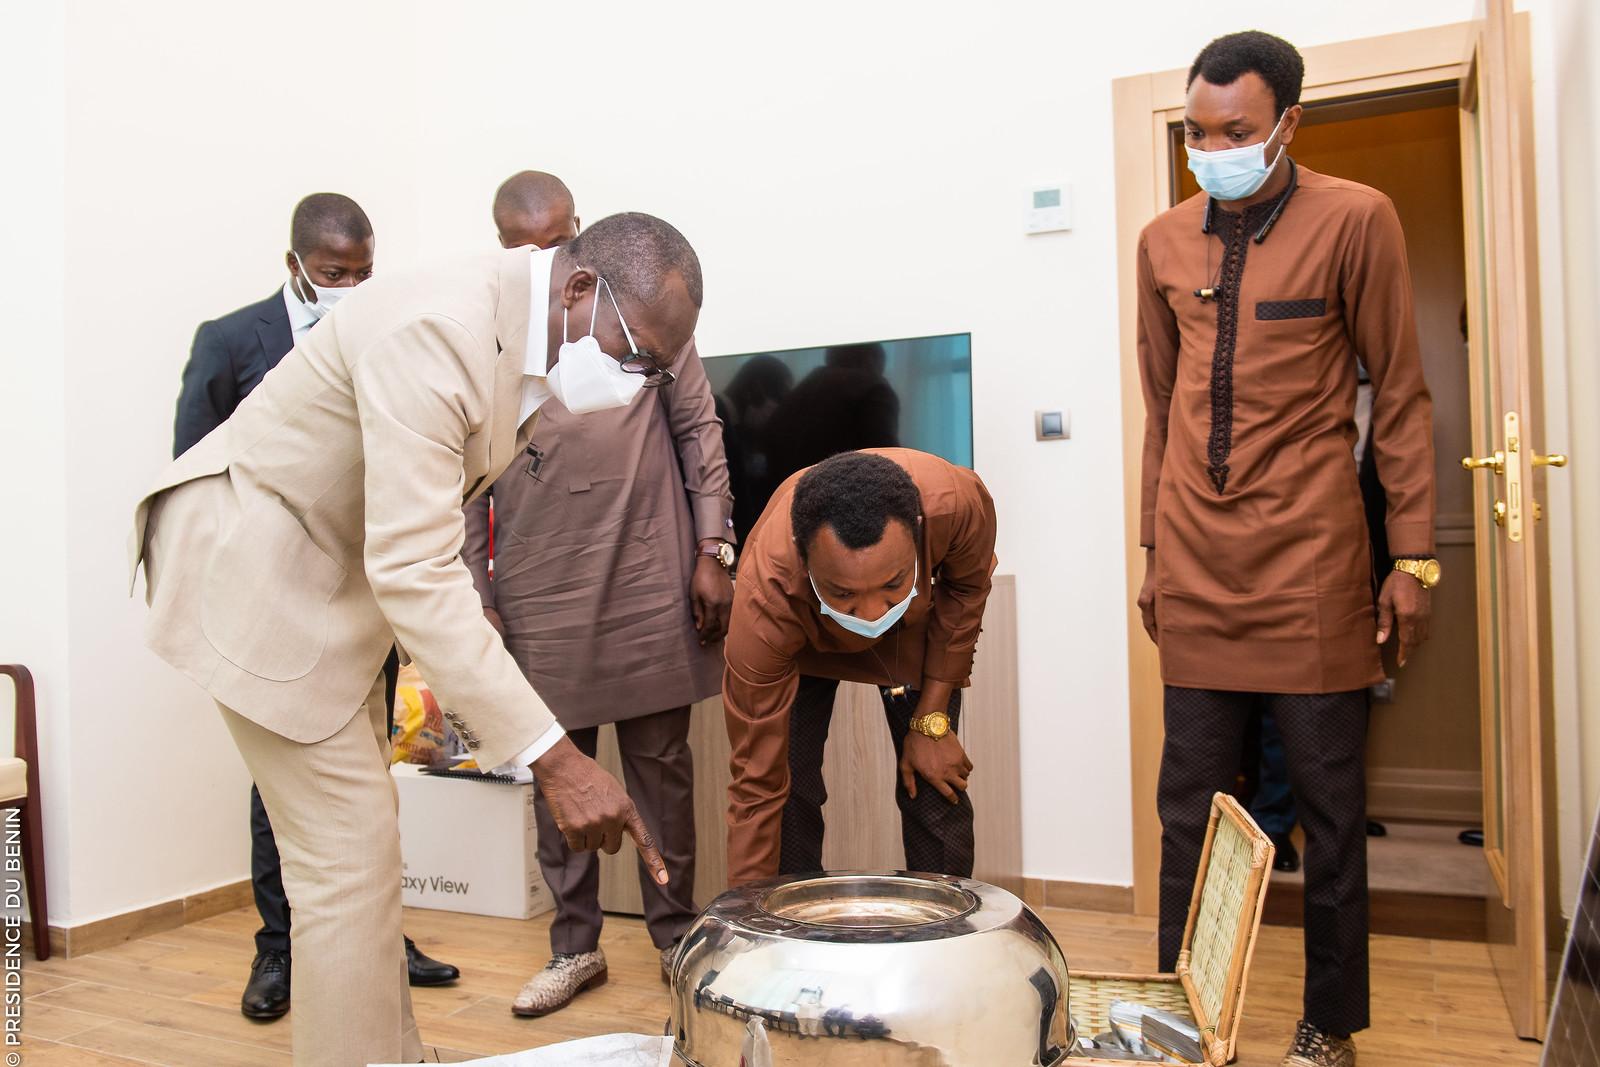 Bénin: Le Président Talon s'engage pour l'installation d'une usine de fabrication des foyers écologiques Ecocooker de Atingan Solutions